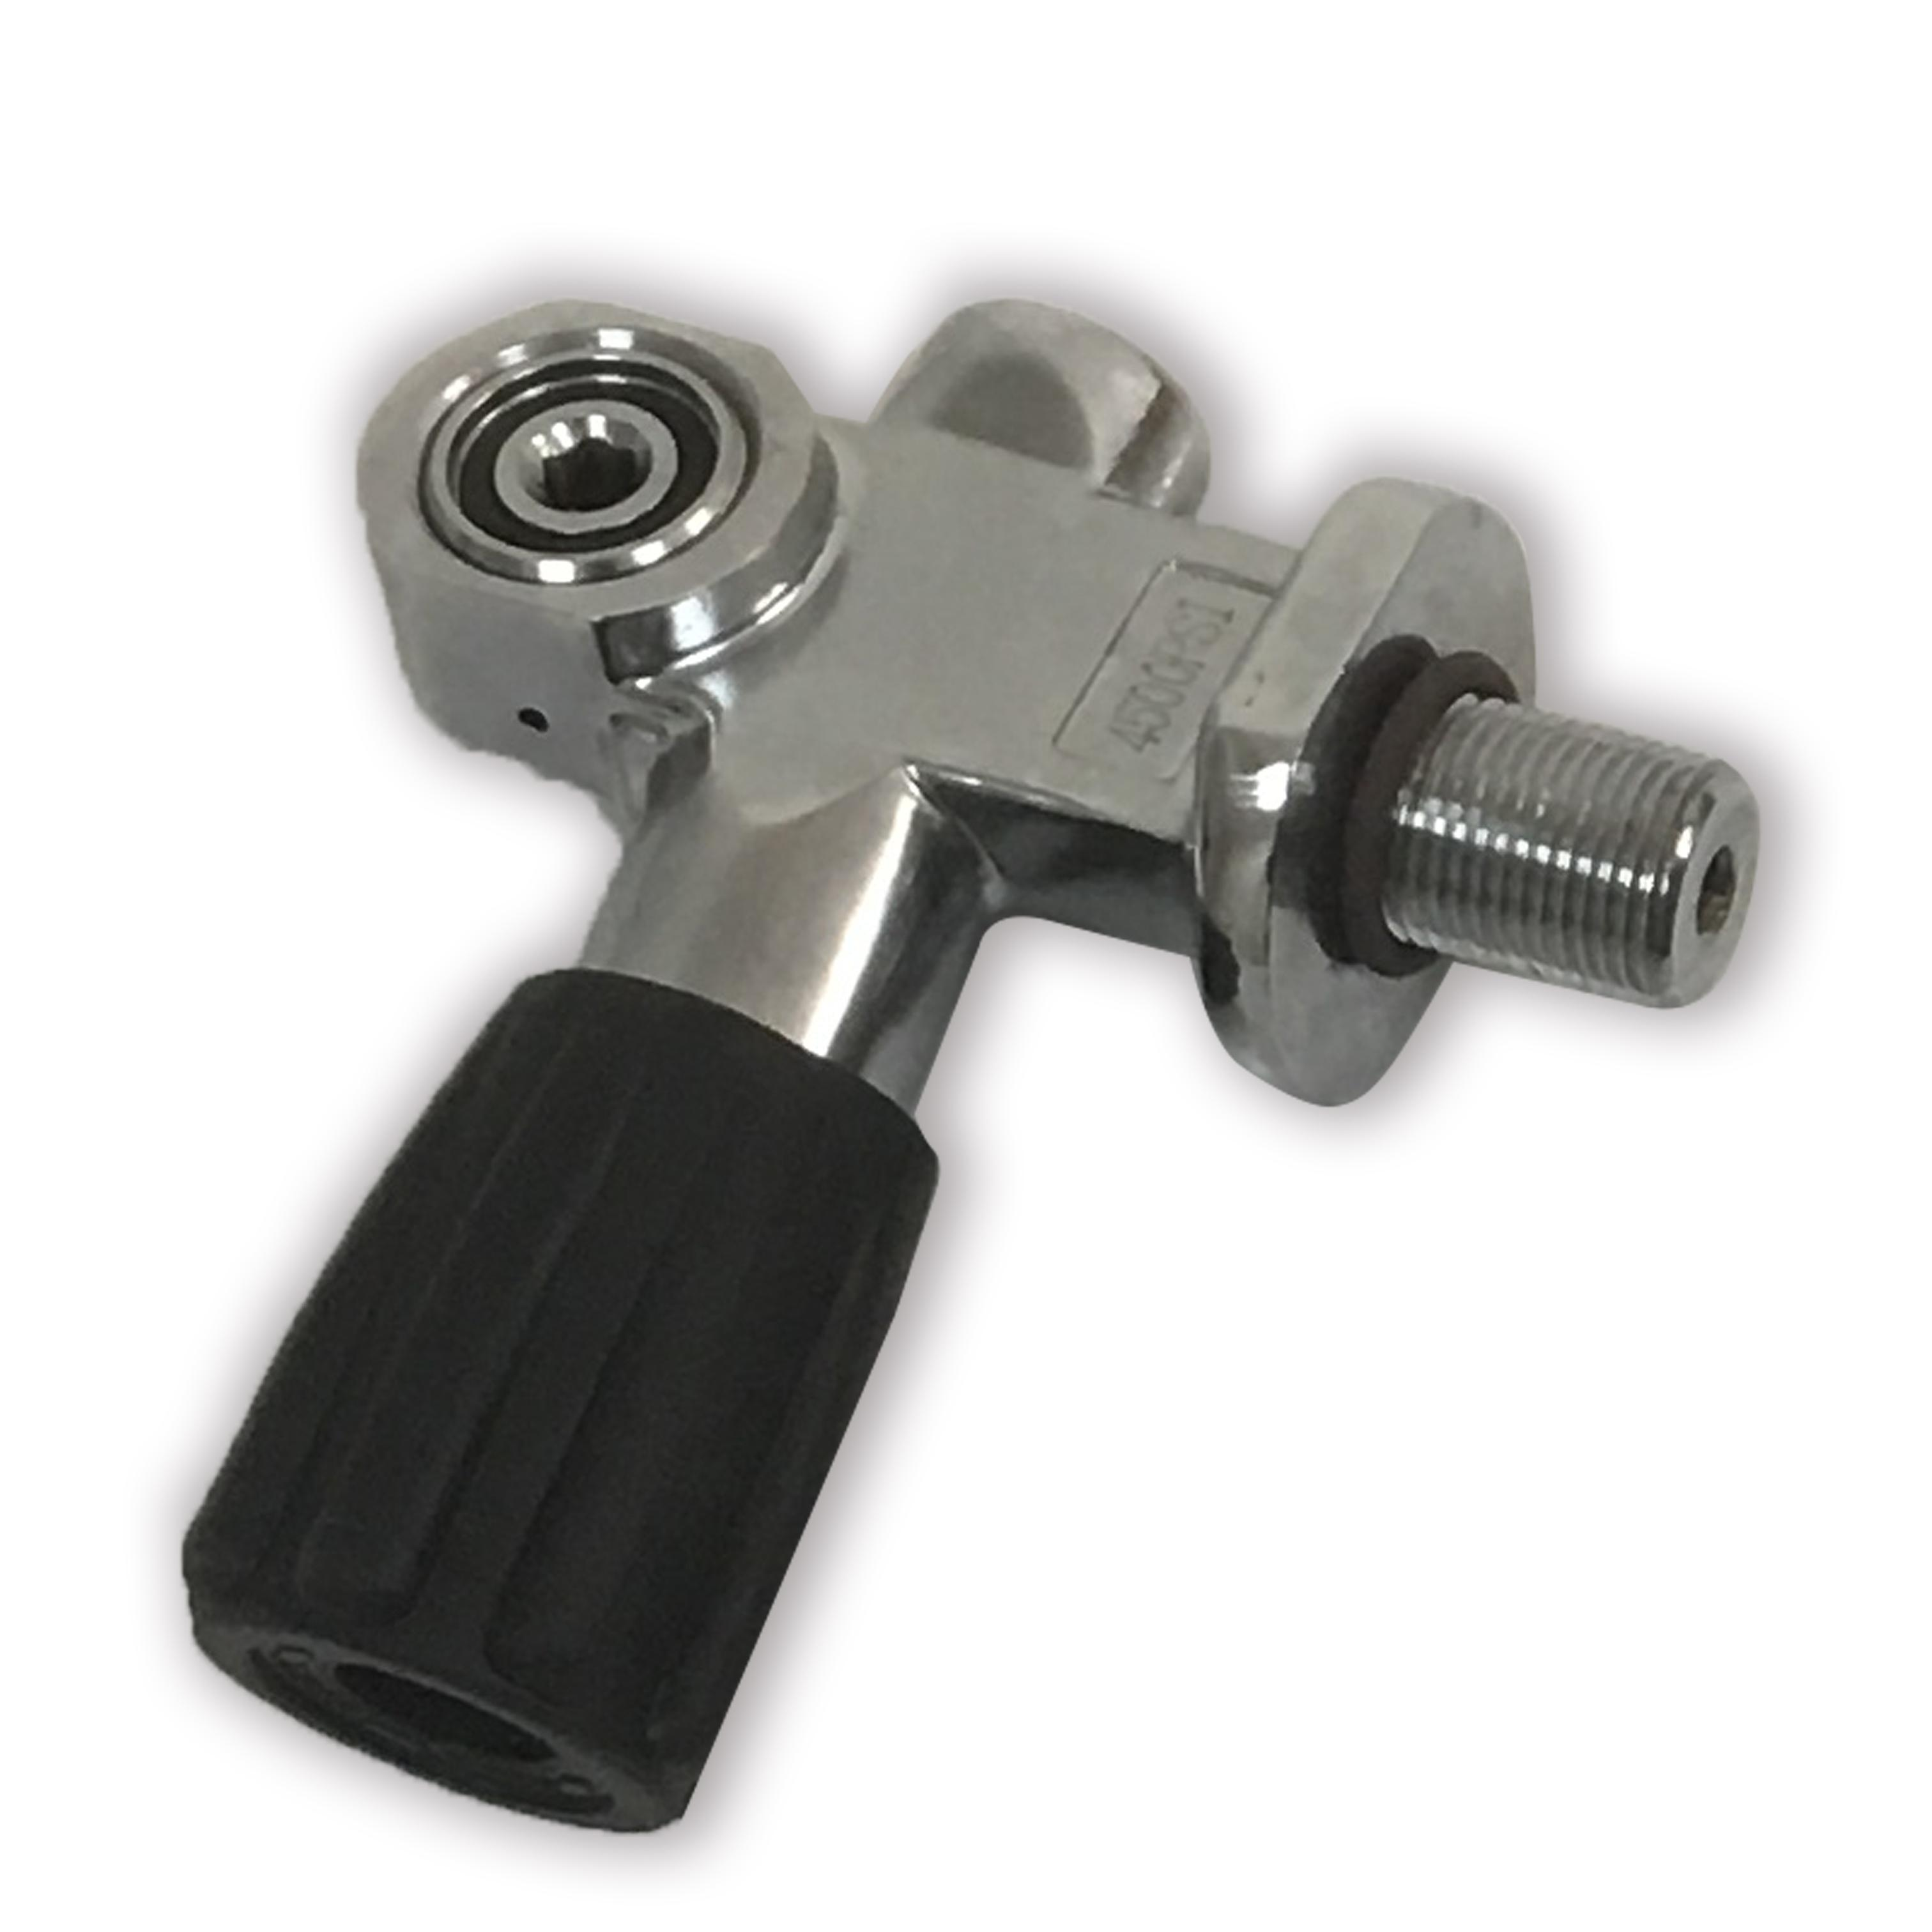 AC951 Acecare Popular de alta presión de buceo SCUBA tanque válvula del cilindro de gas válvula usada para la fibra de carbono del cilindro 2020